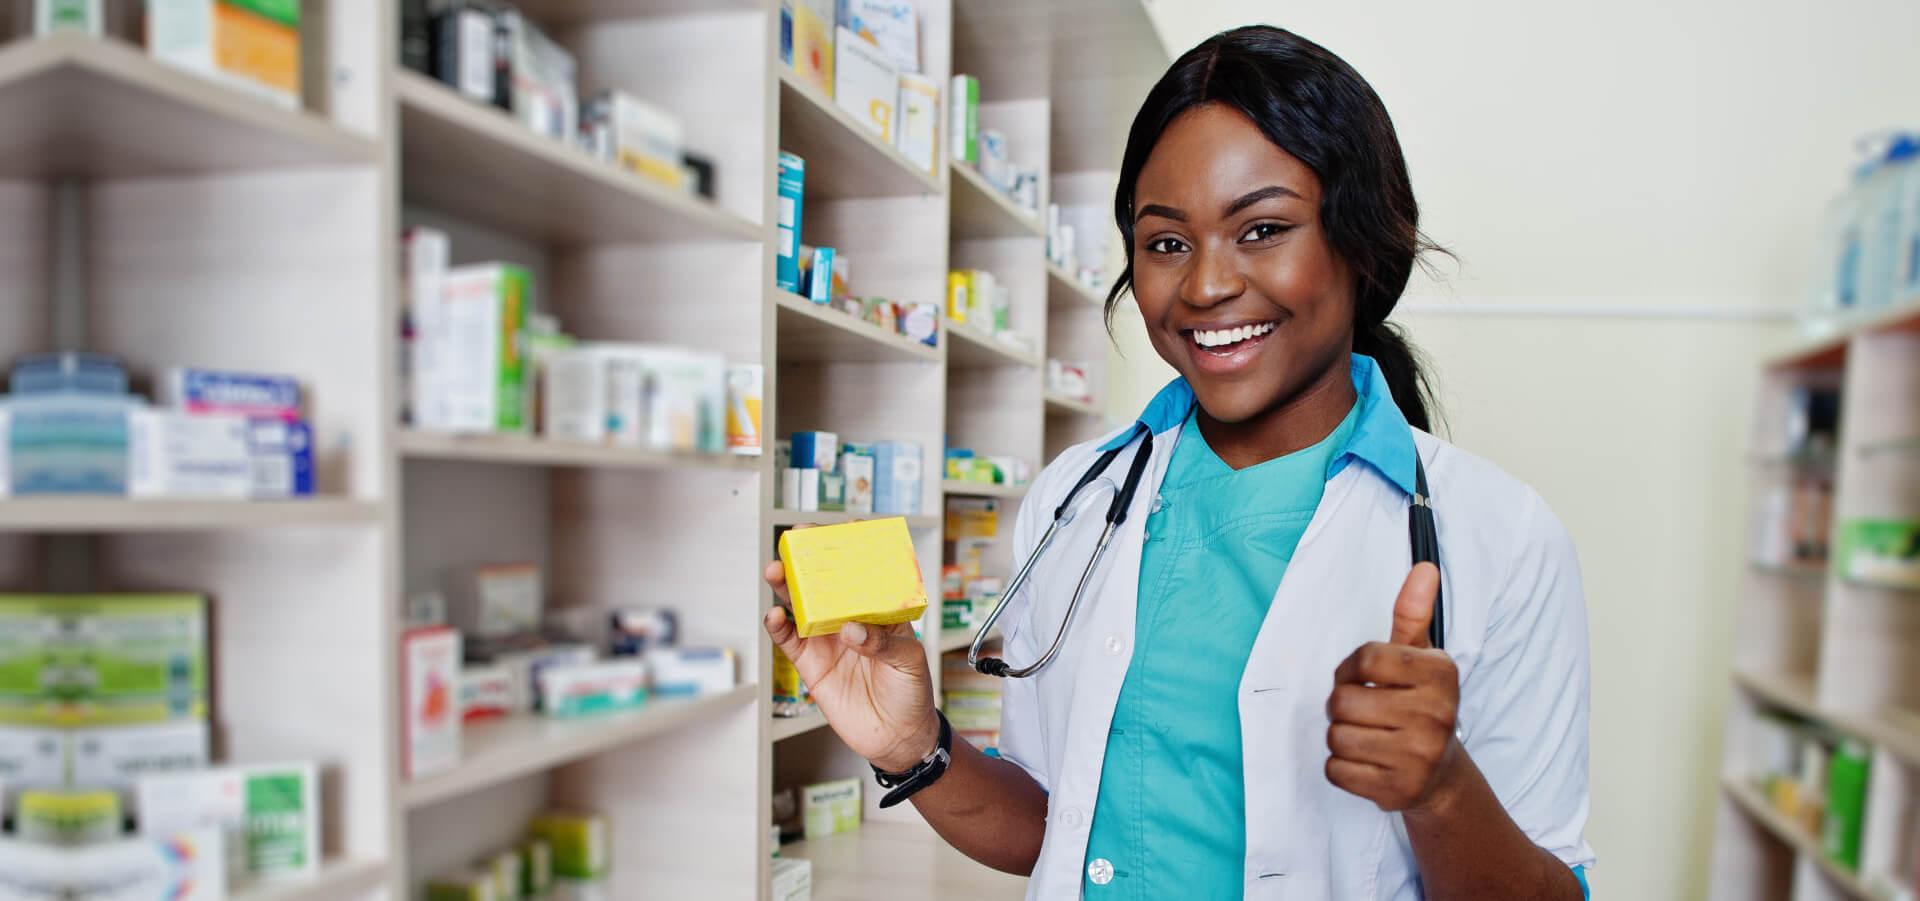 African american pharmacist working in drugstore